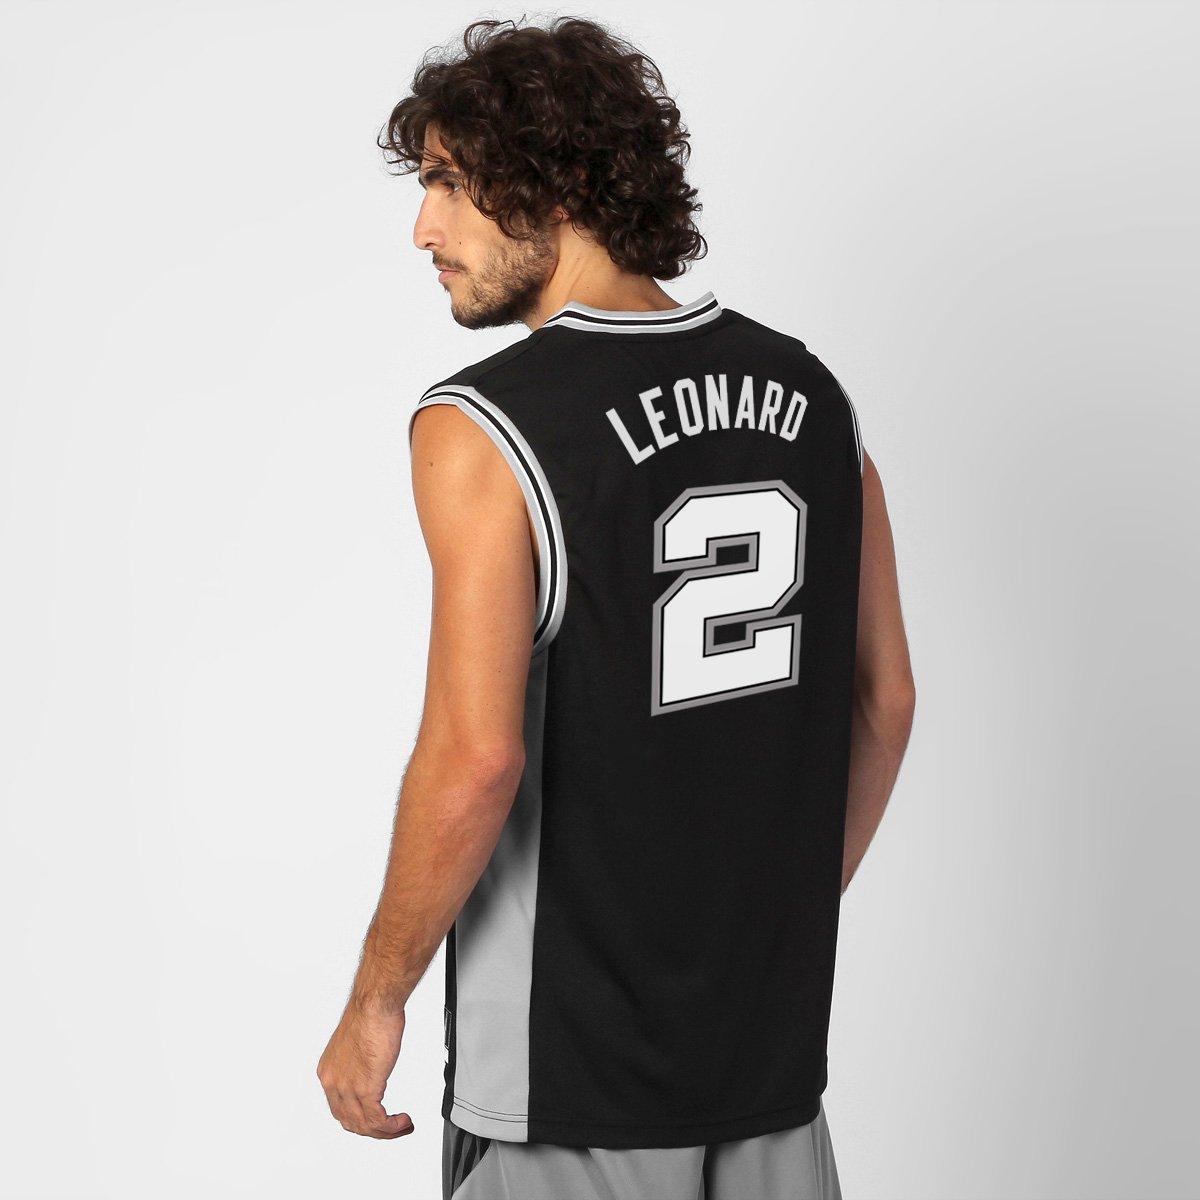 90eca63e0 Camiseta Regata Adidas San Antonio Spurs Road - Leonard nº 2 - Compre Agora